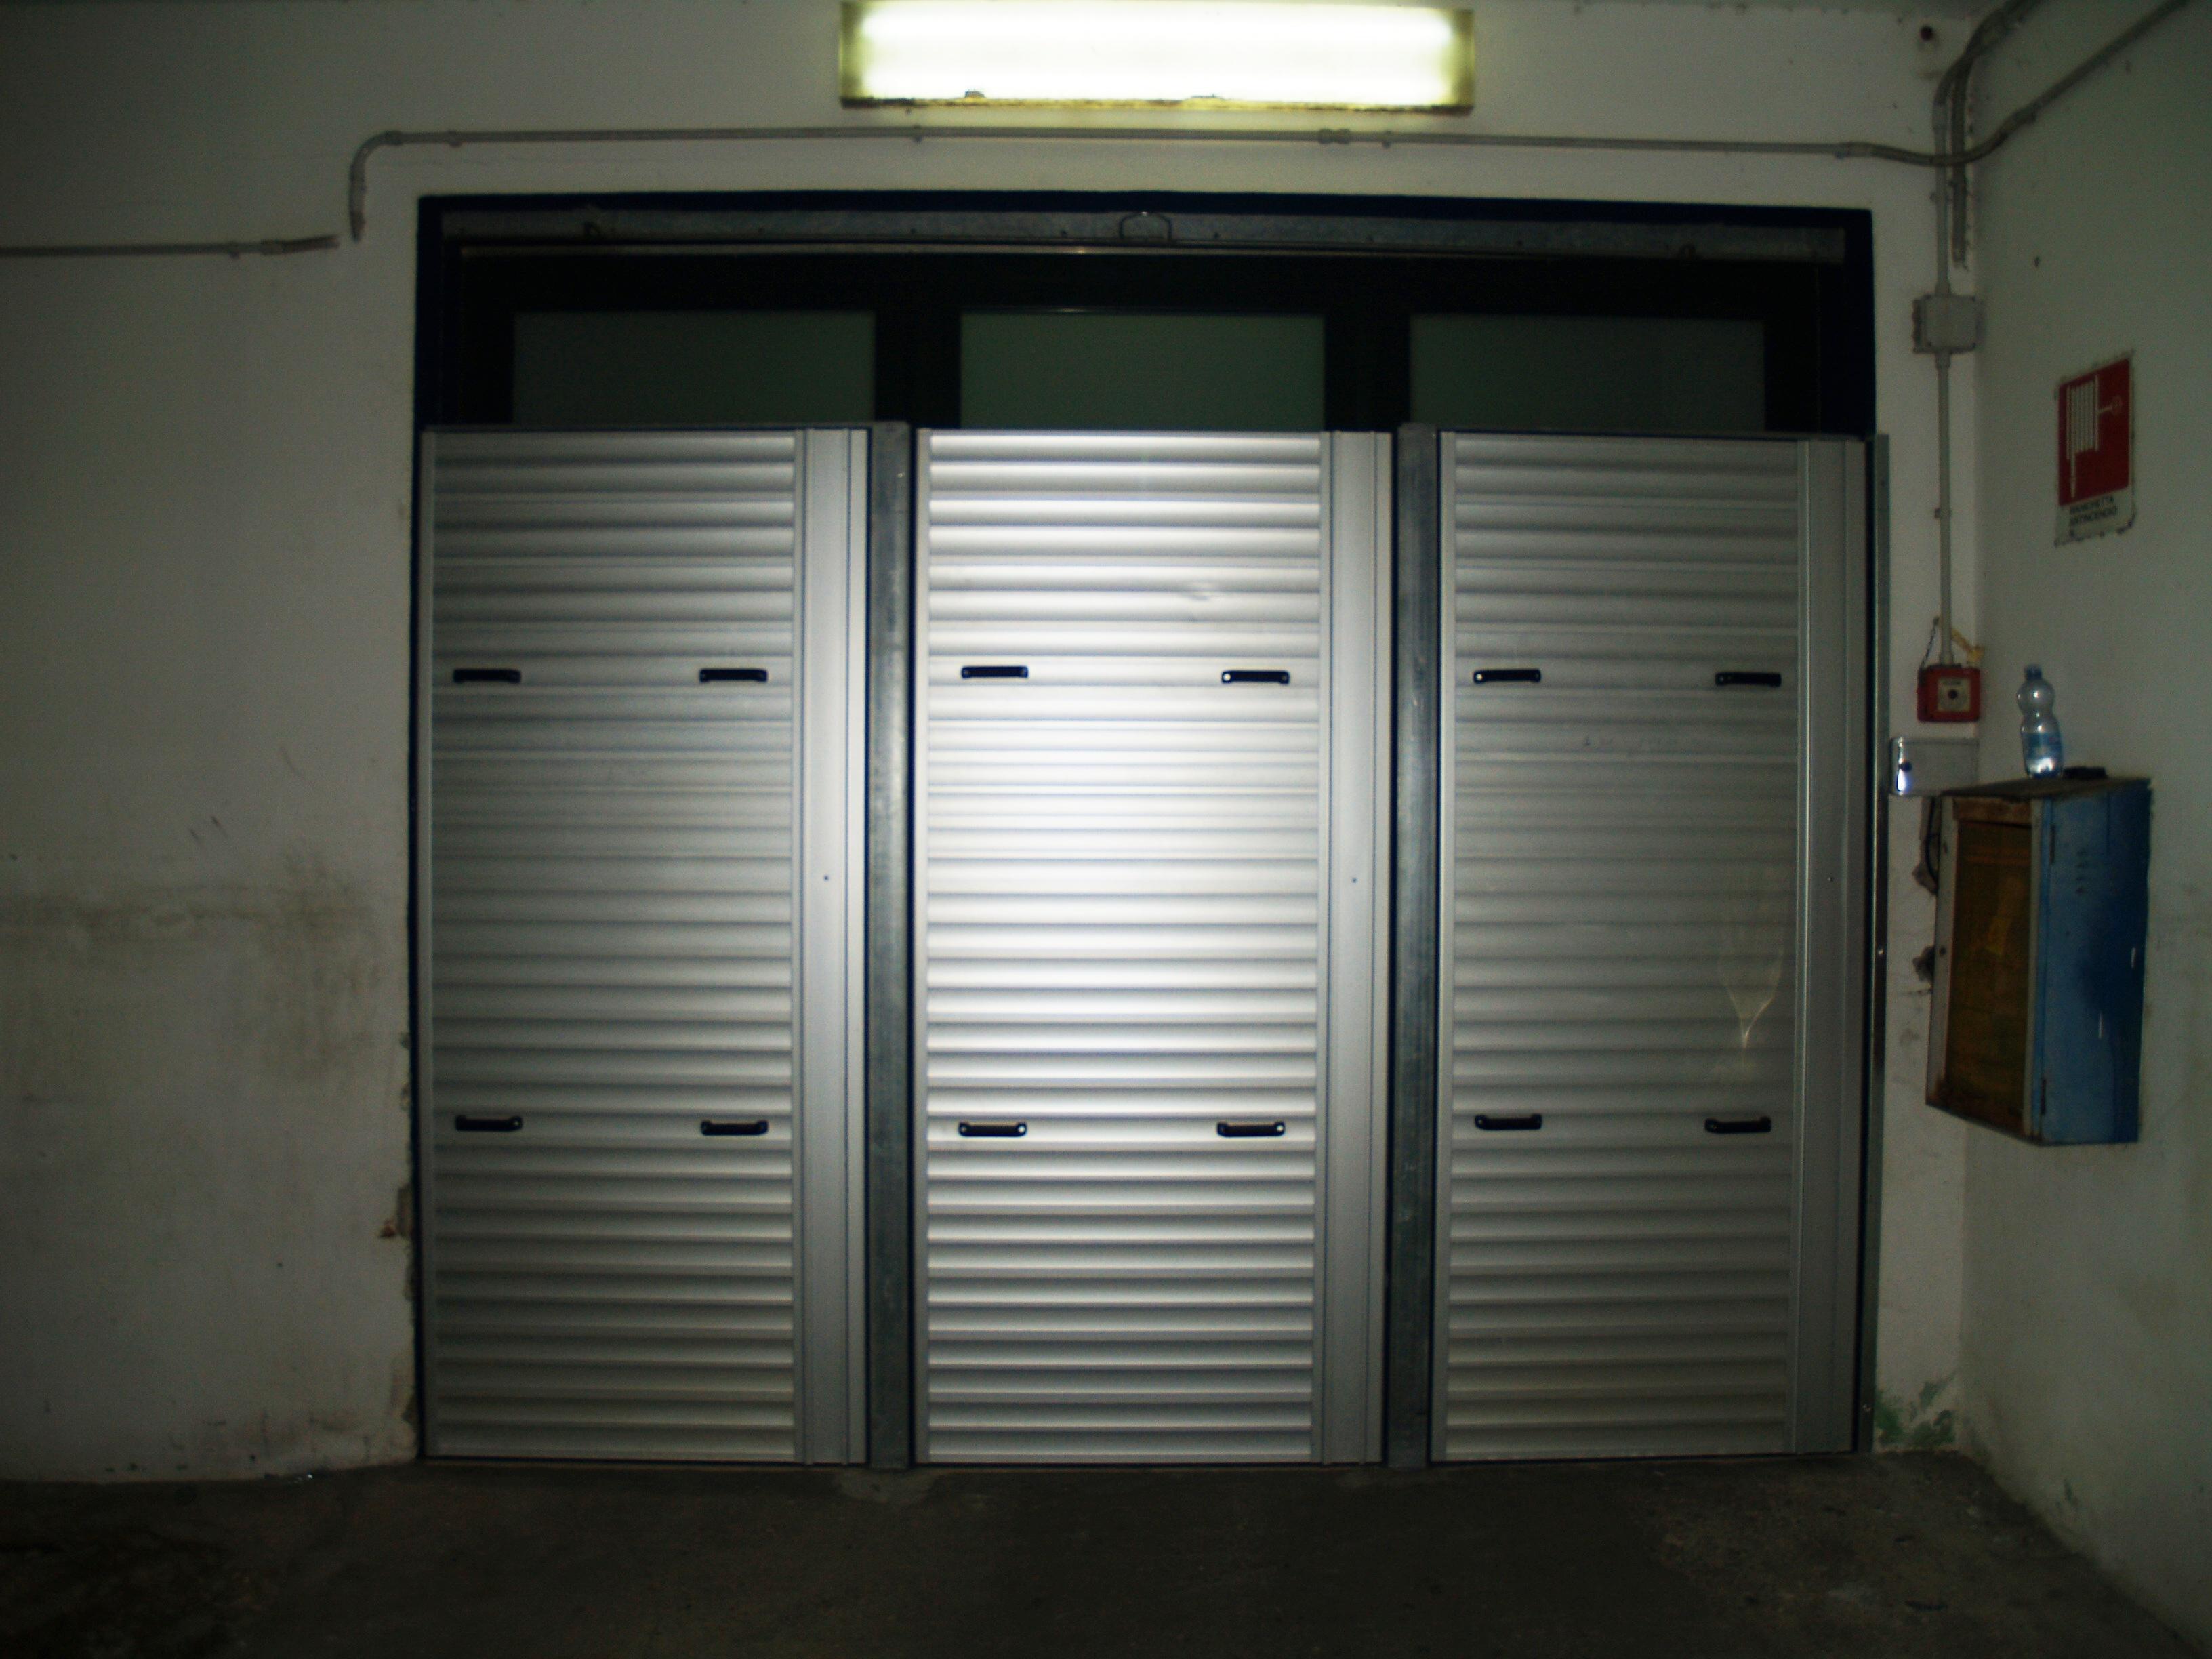 Barriera antiallagamento grandi dimensioni acquastop for Quali sono le dimensioni di un garage per due auto